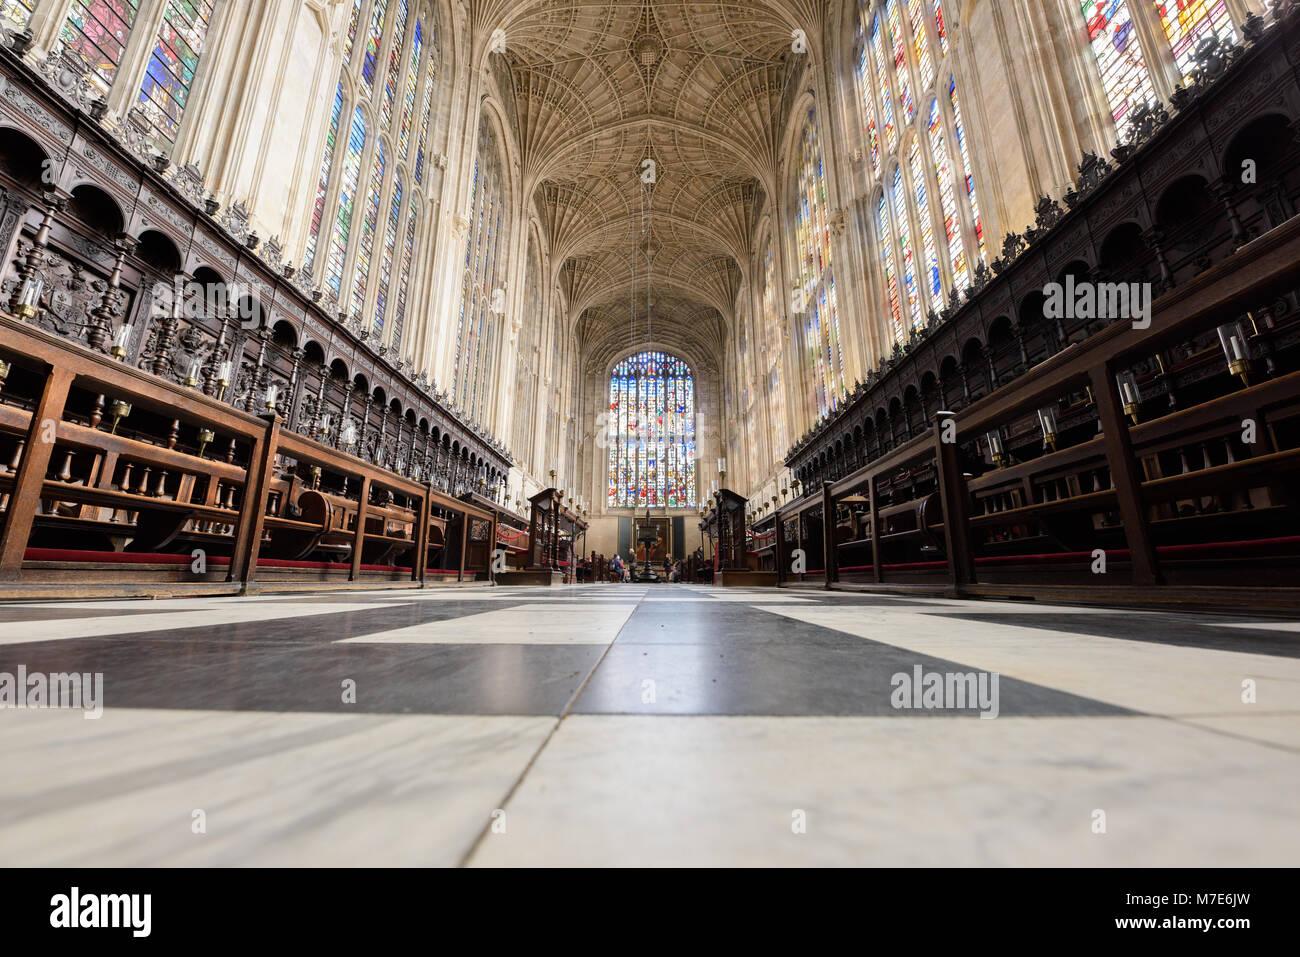 Der Chor mit seinen Stock, Buntglasfenster und Ventilator an der Decke in der Kapelle des King's College, Universität Cambridge, England. Stockfoto